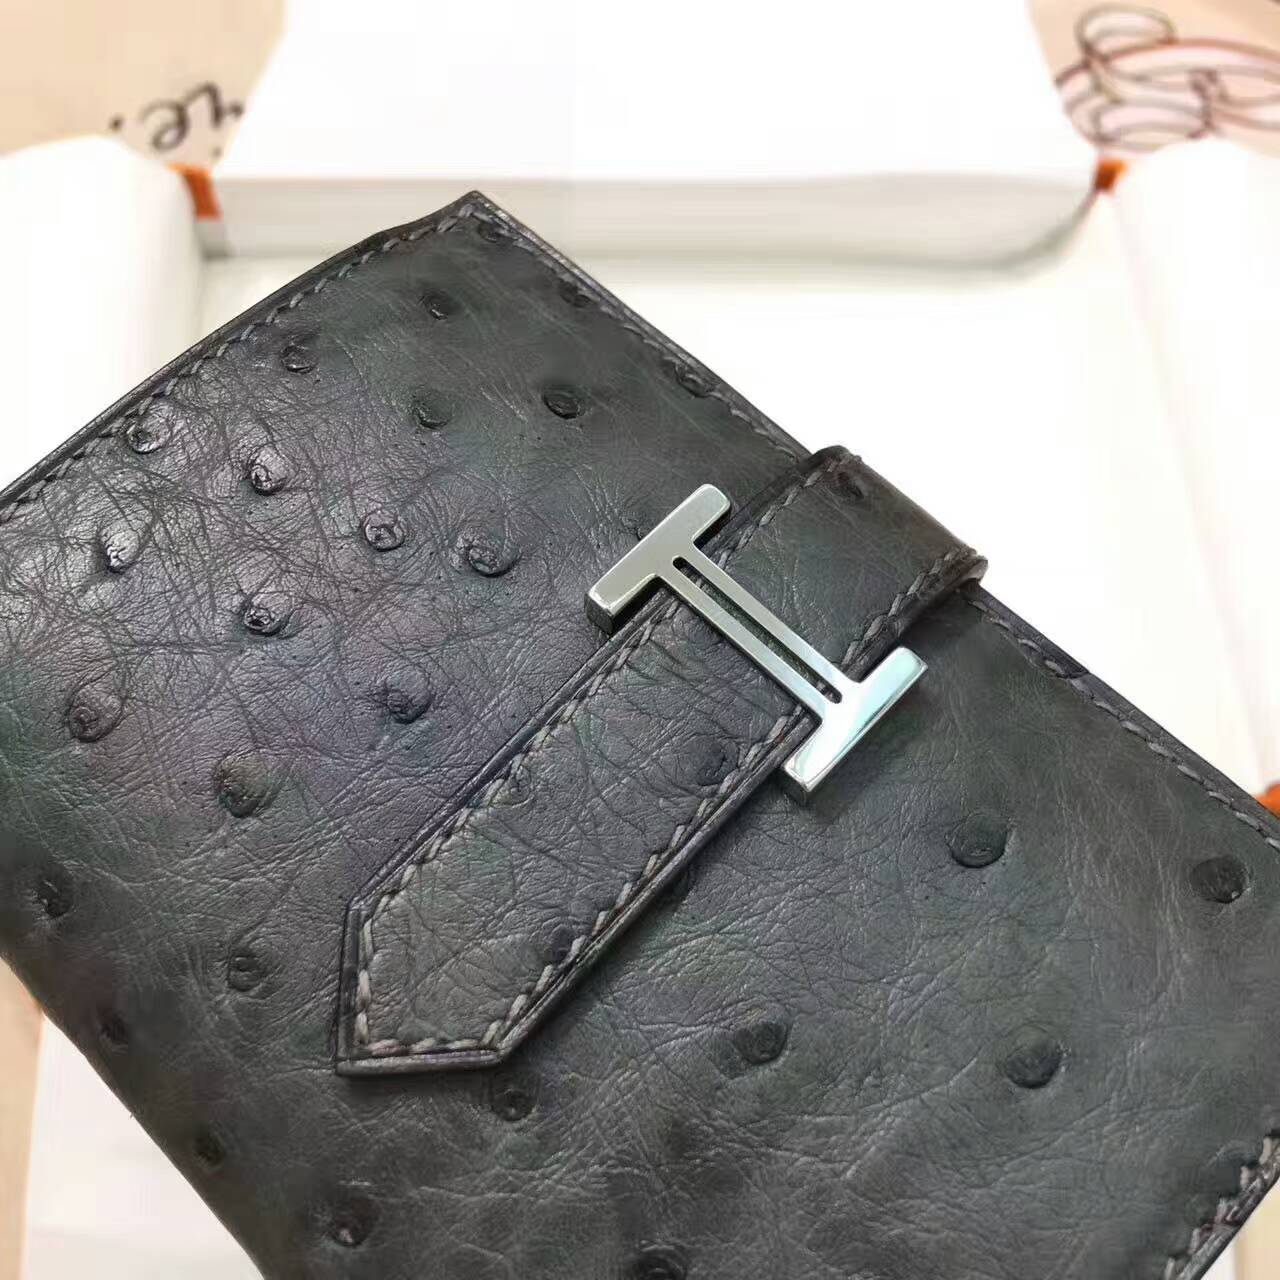 爱马仕卡包 鸵鸟皮 铁灰 银扣 手工蜡线 时尚又实用